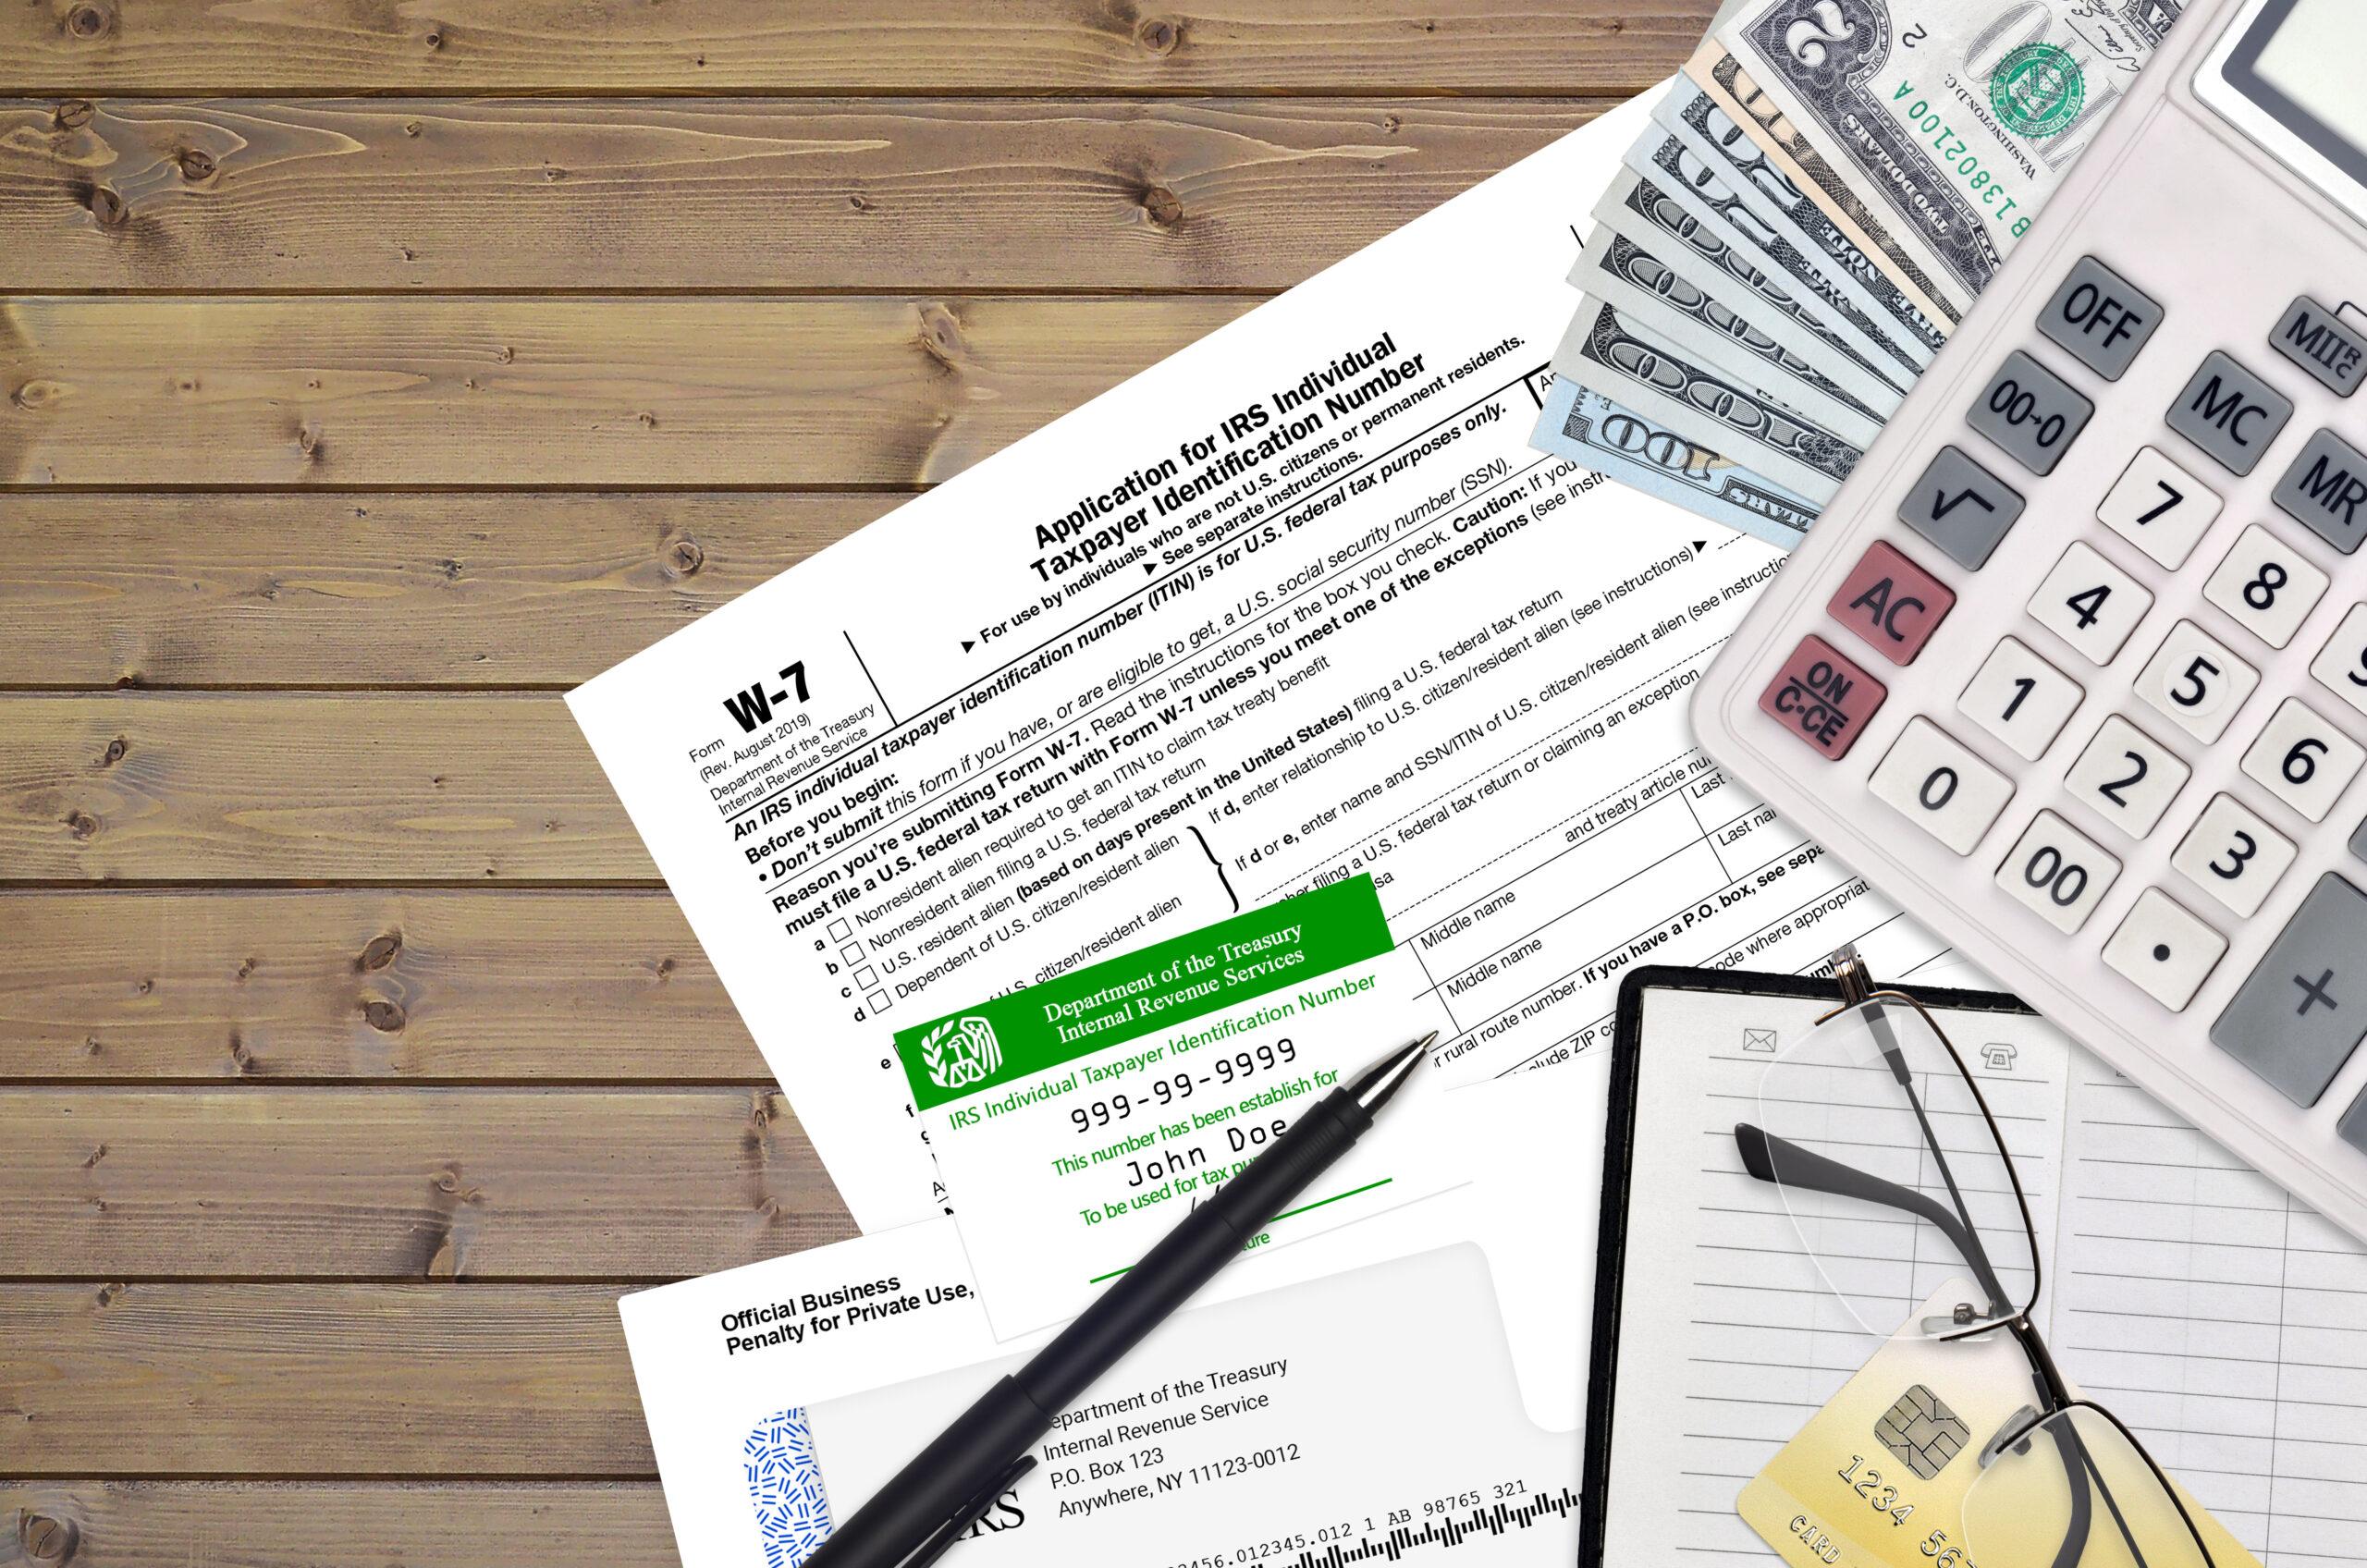 Formulario W7 Del IRS Para Solicitar ITIN En Estados Unidos